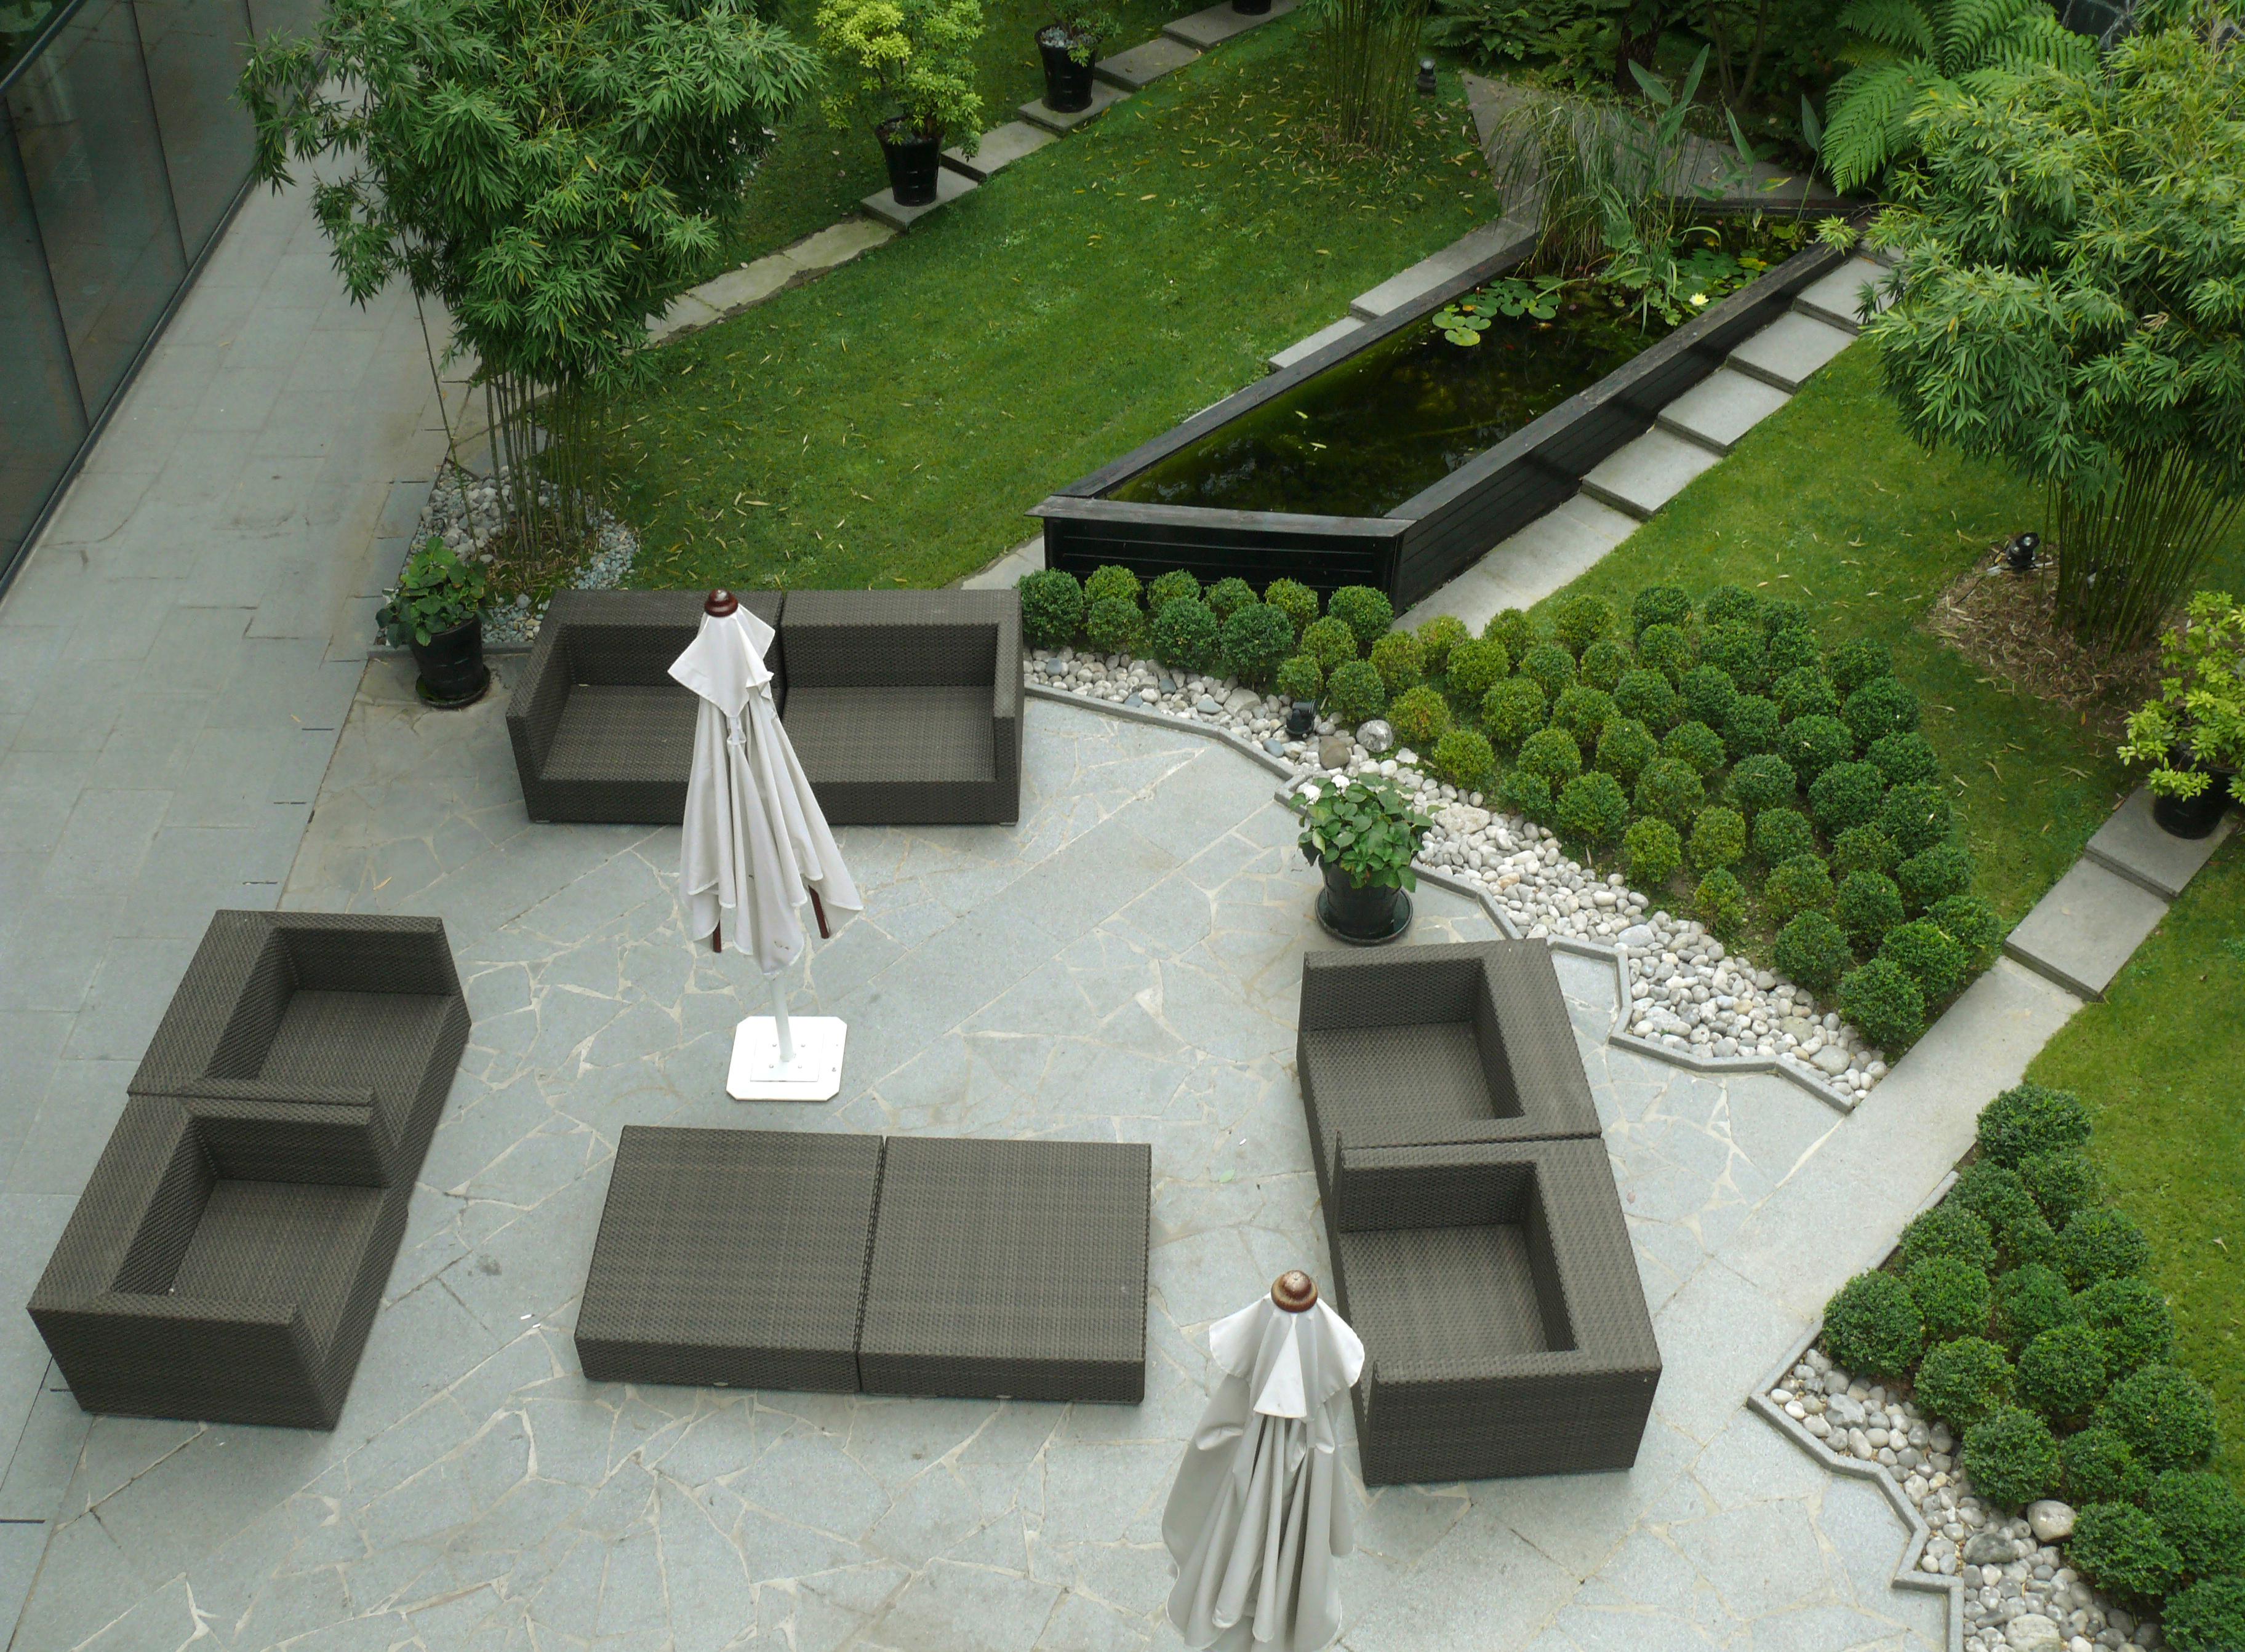 D Jardin vous propose ses services d'entretien de jardins et espaces verts dans le Nord